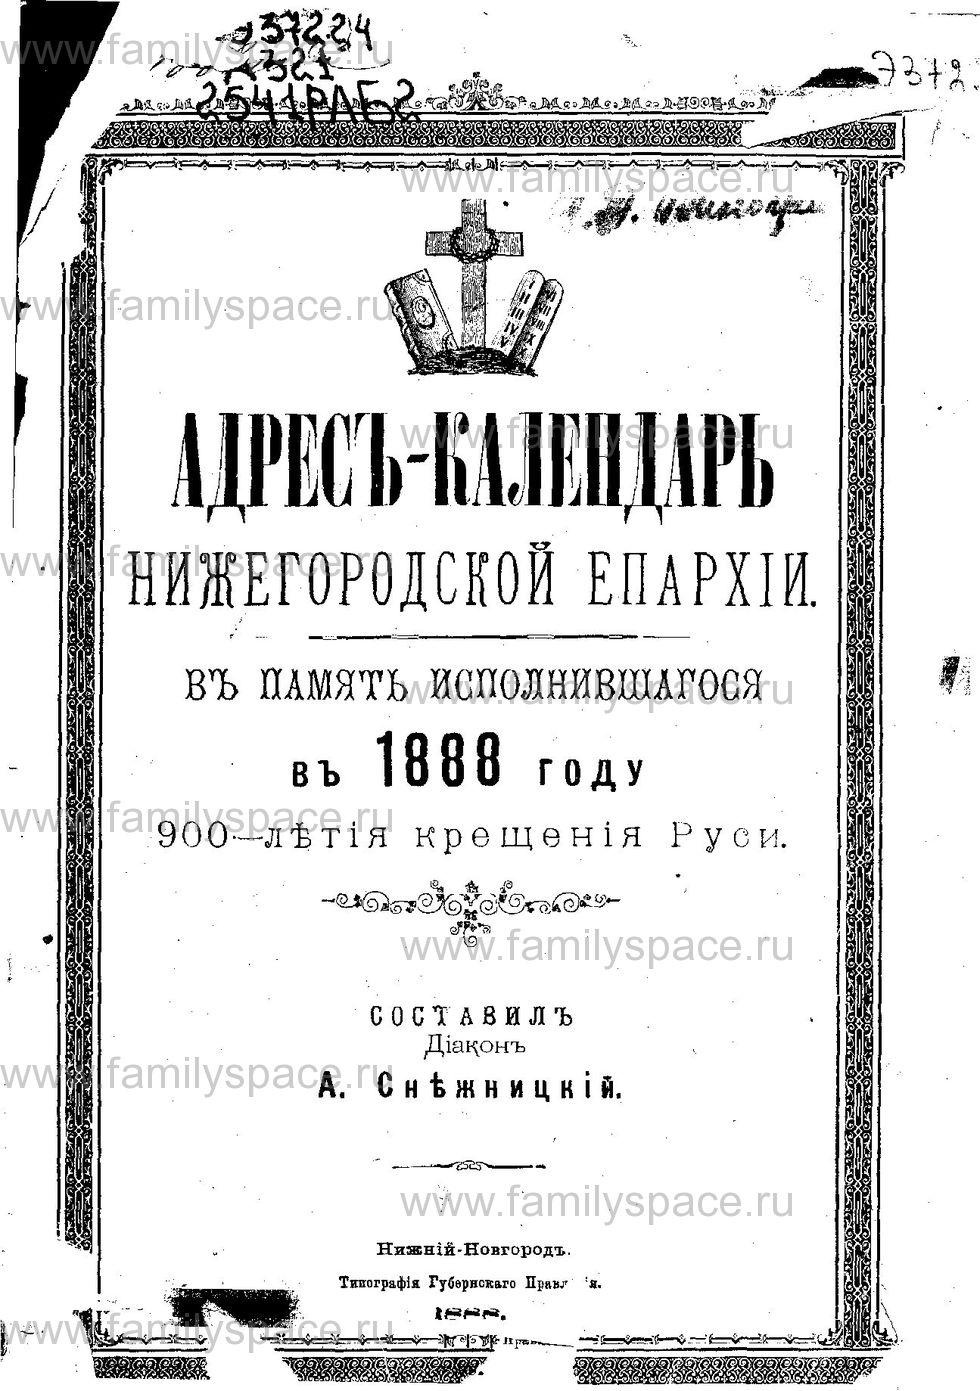 Поиск по фамилии - Адрес-календарь Нижегородской епархии на 1888 год, страница 1